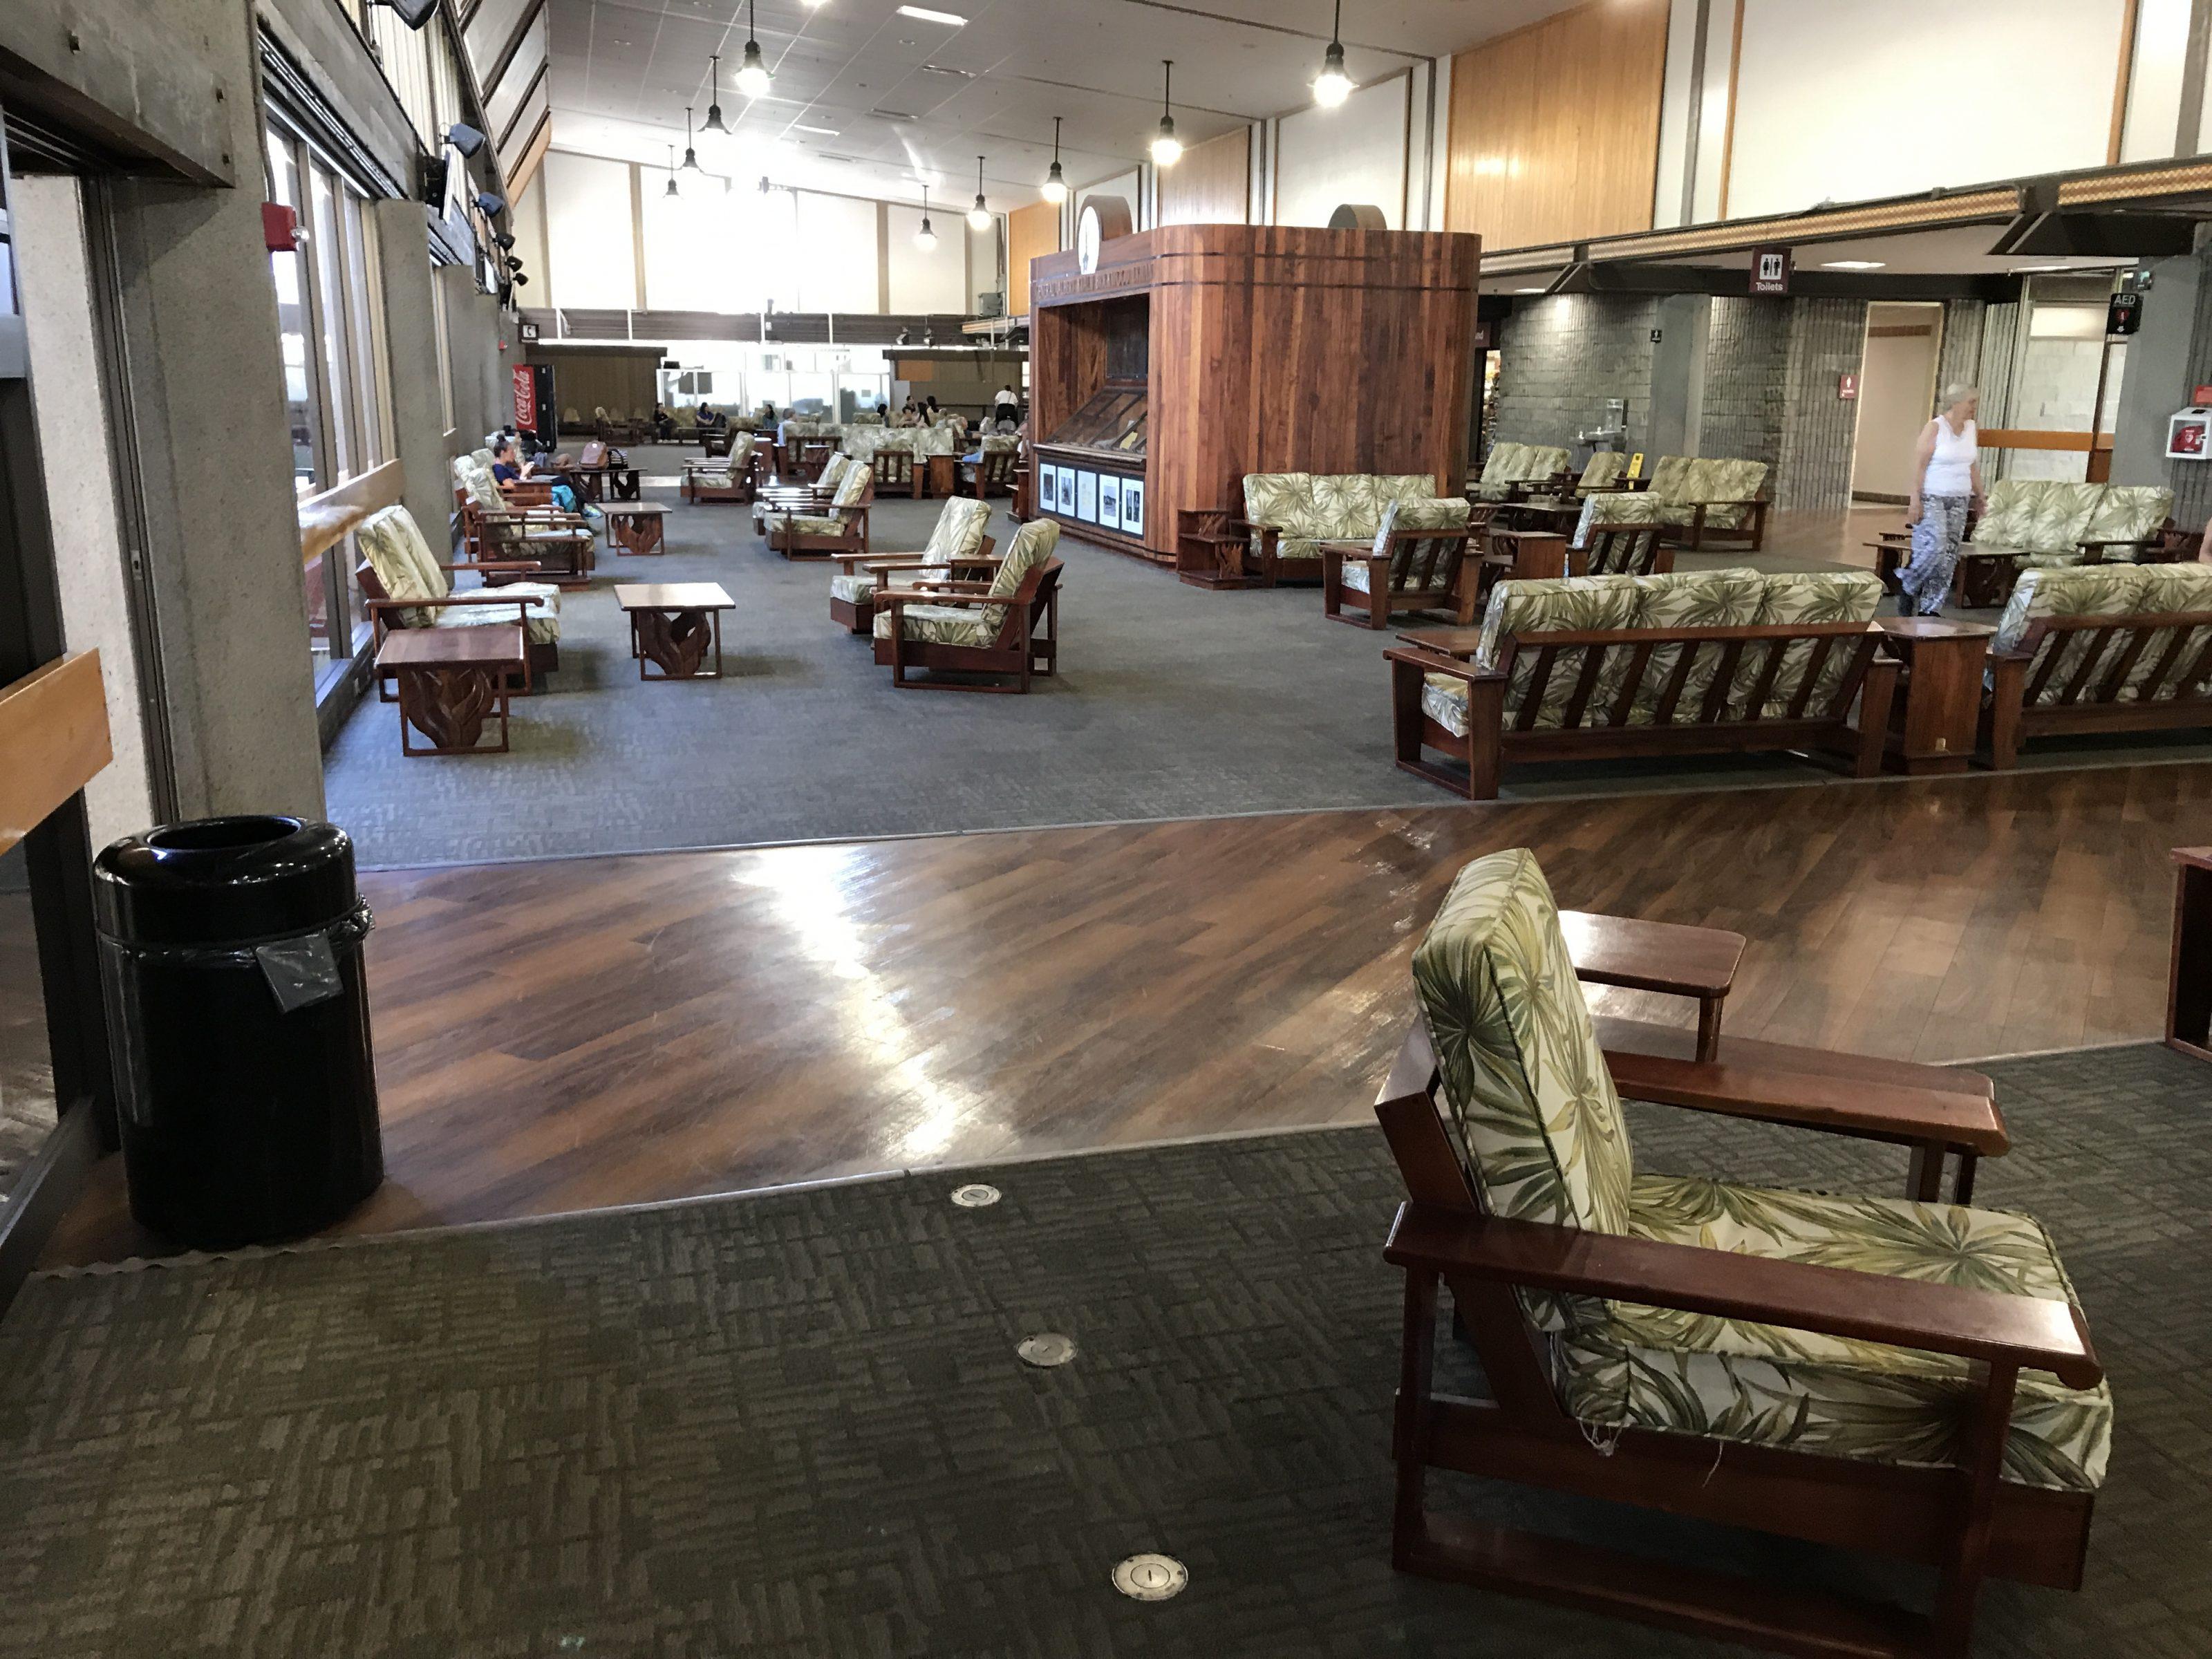 Salle d'attente de l'aéroport de Hilo